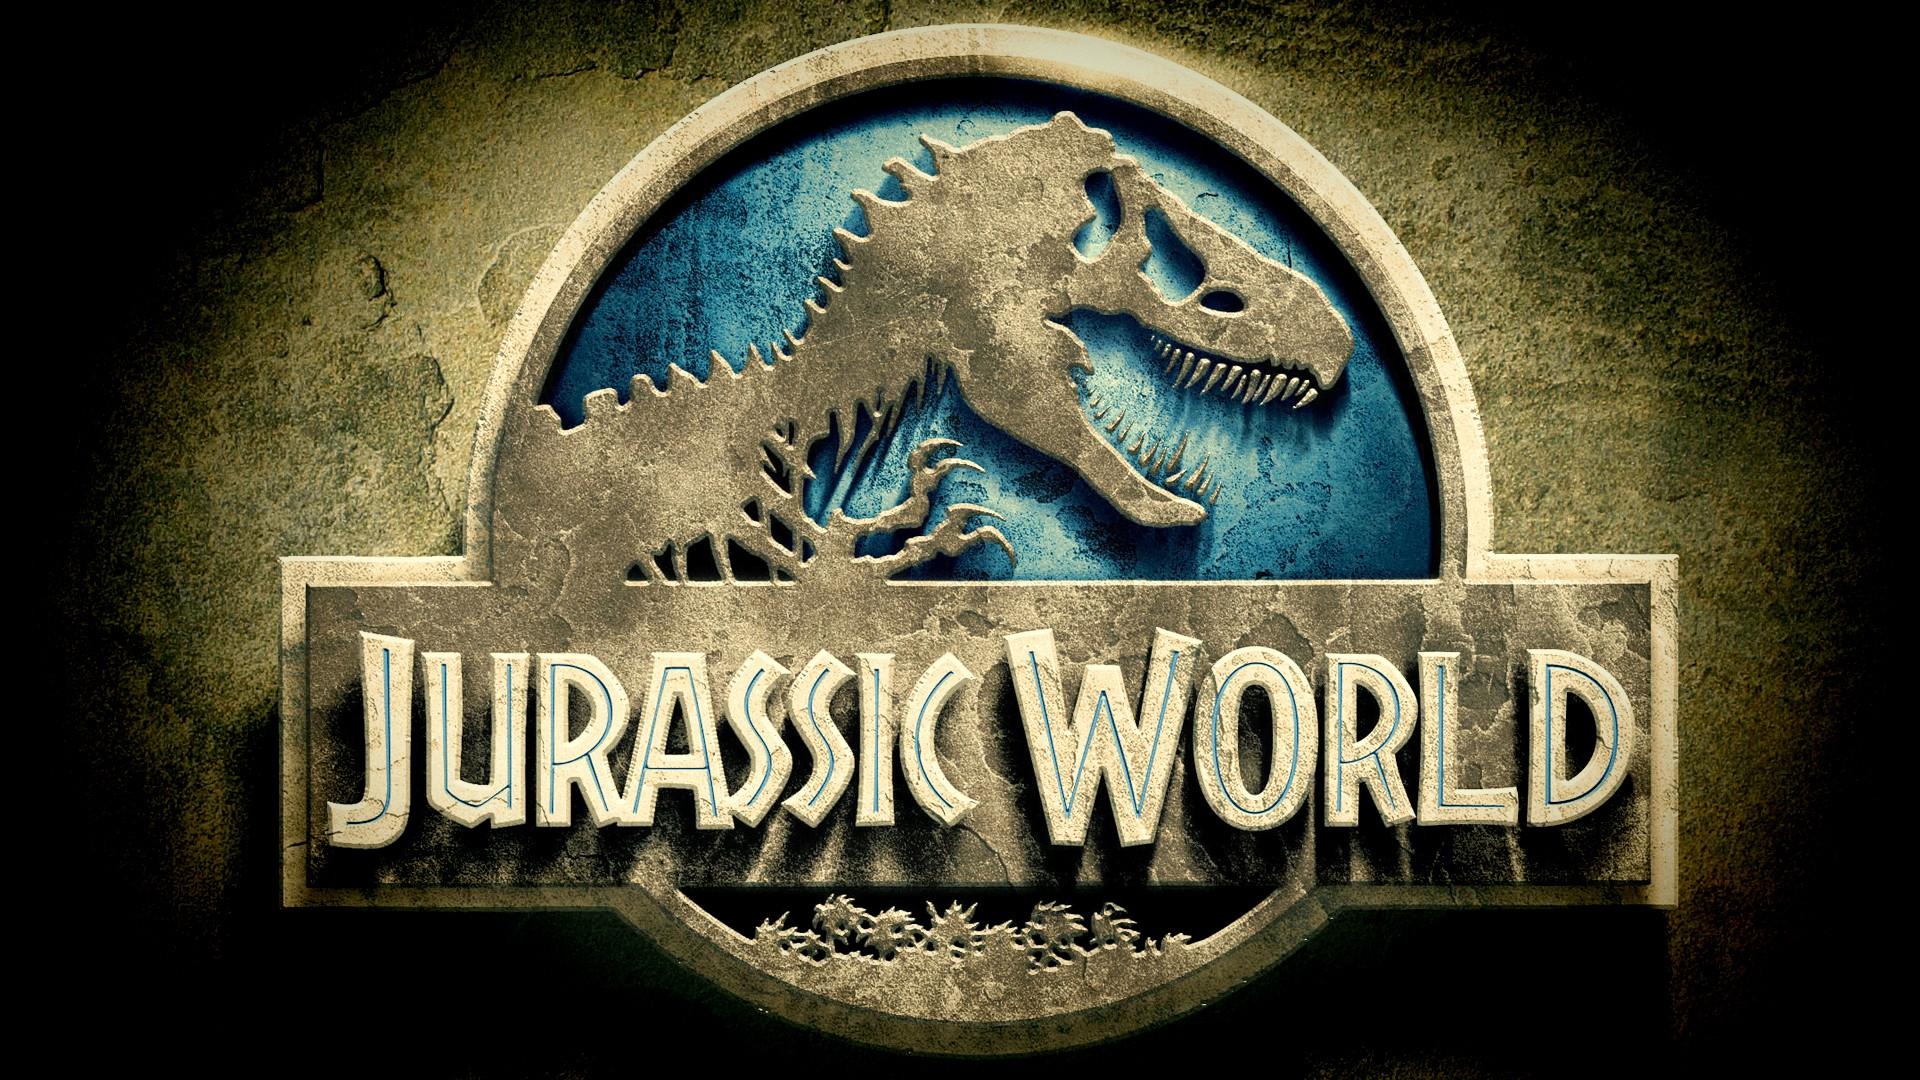 jurassic world 1080p yify kickass